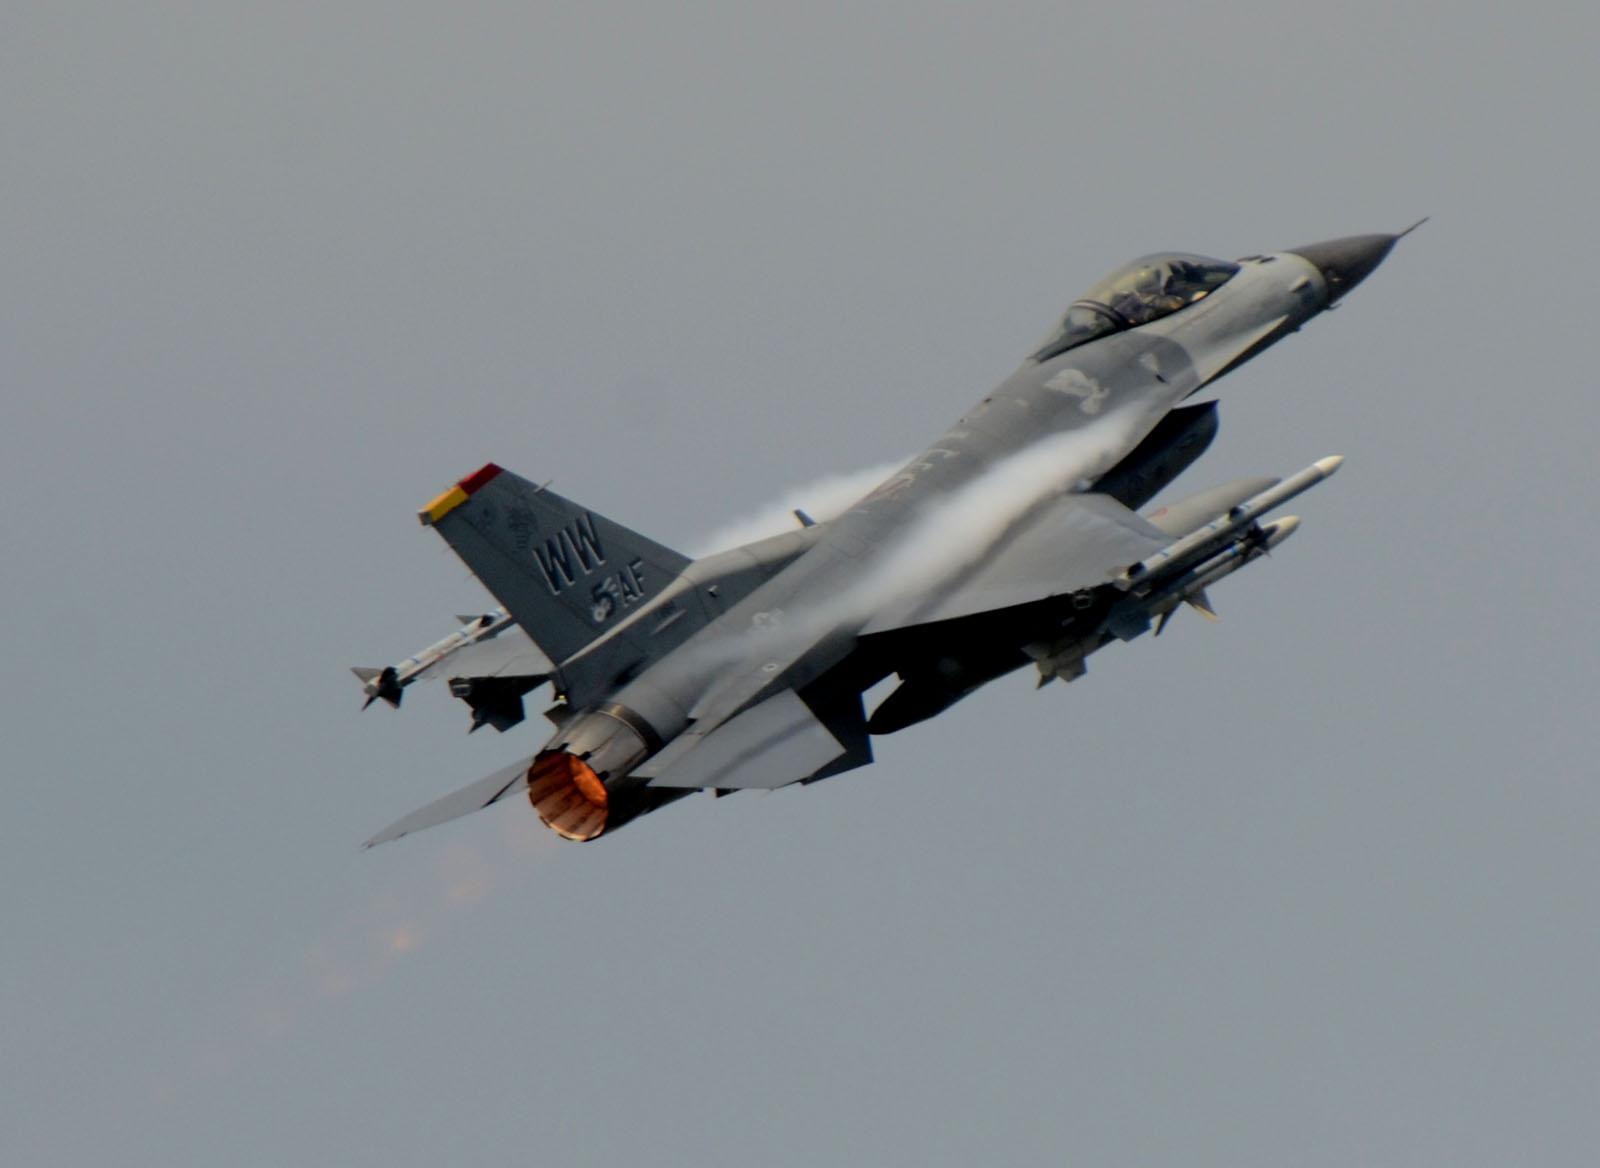 F16cm150921g104